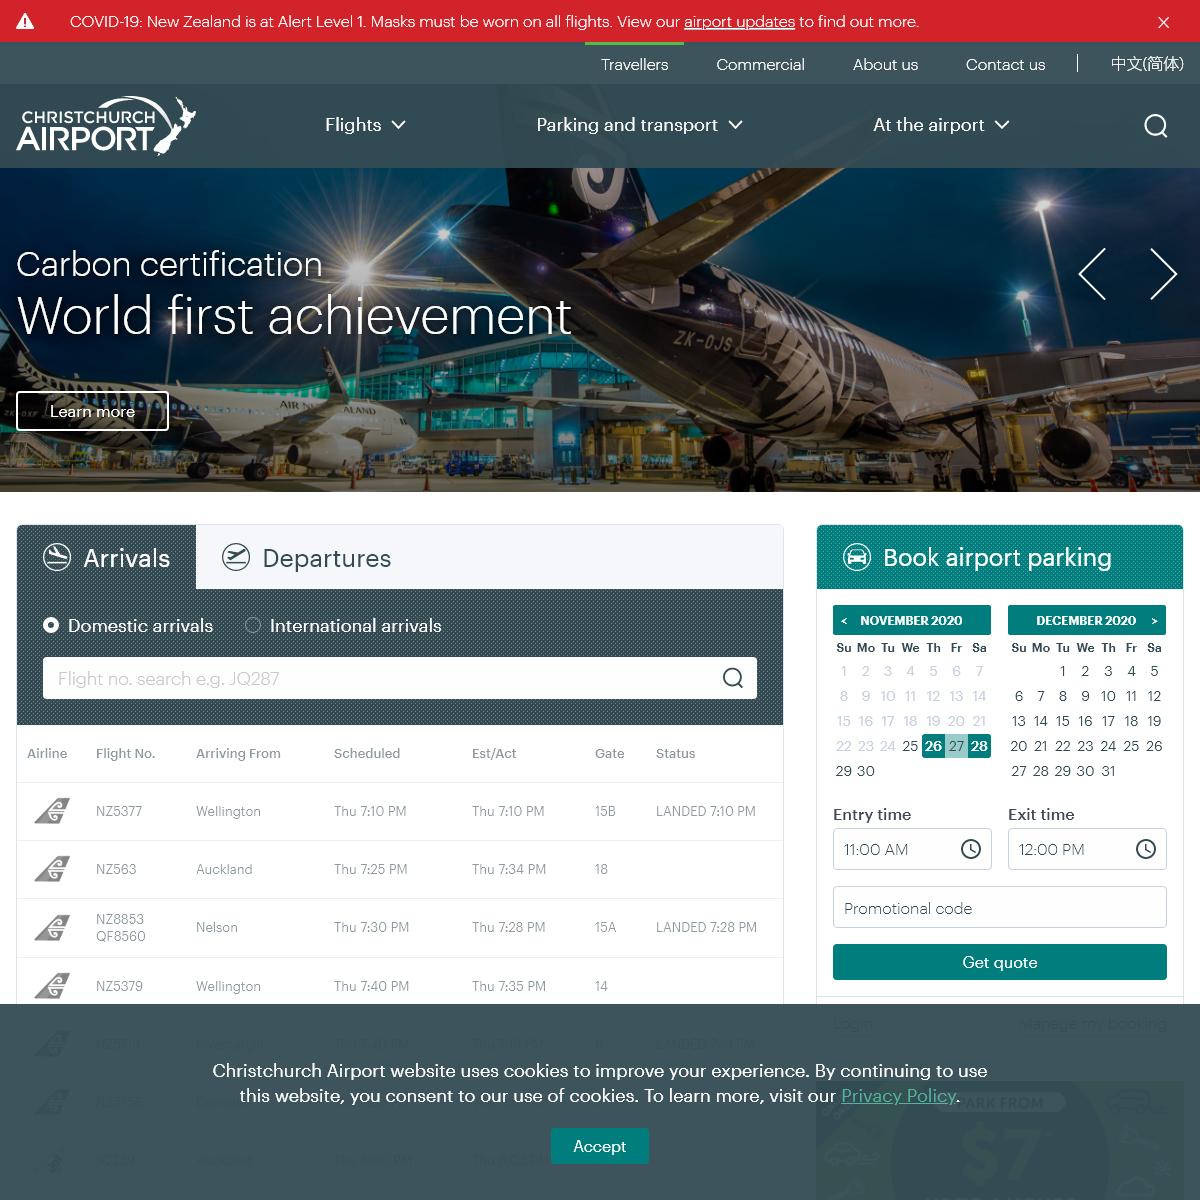 Christchurch Airport - Flight Information, Shopping & Parking